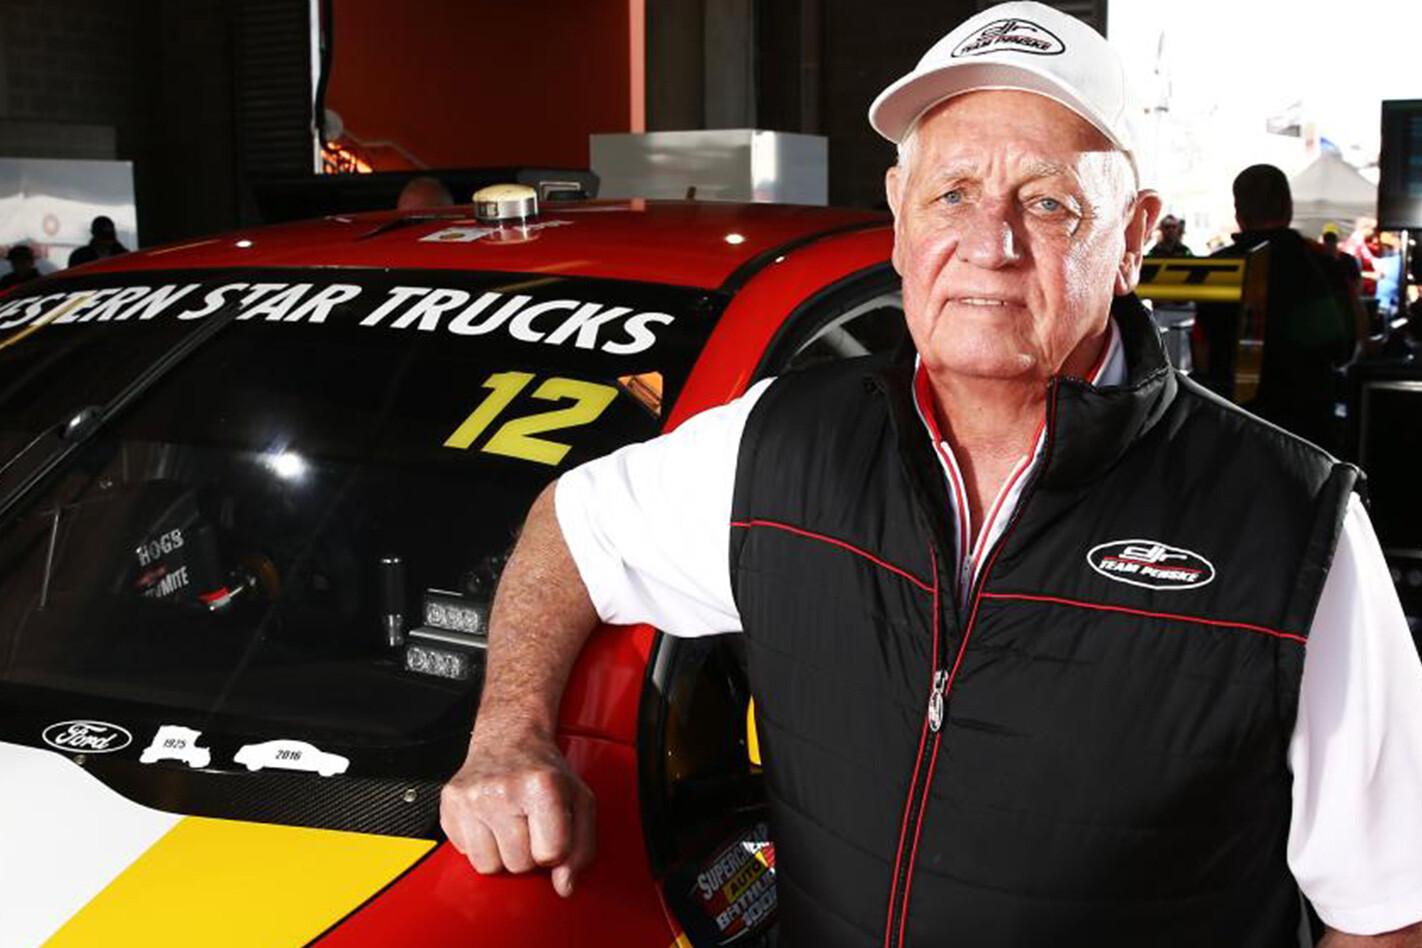 Dick Johson Racing legend